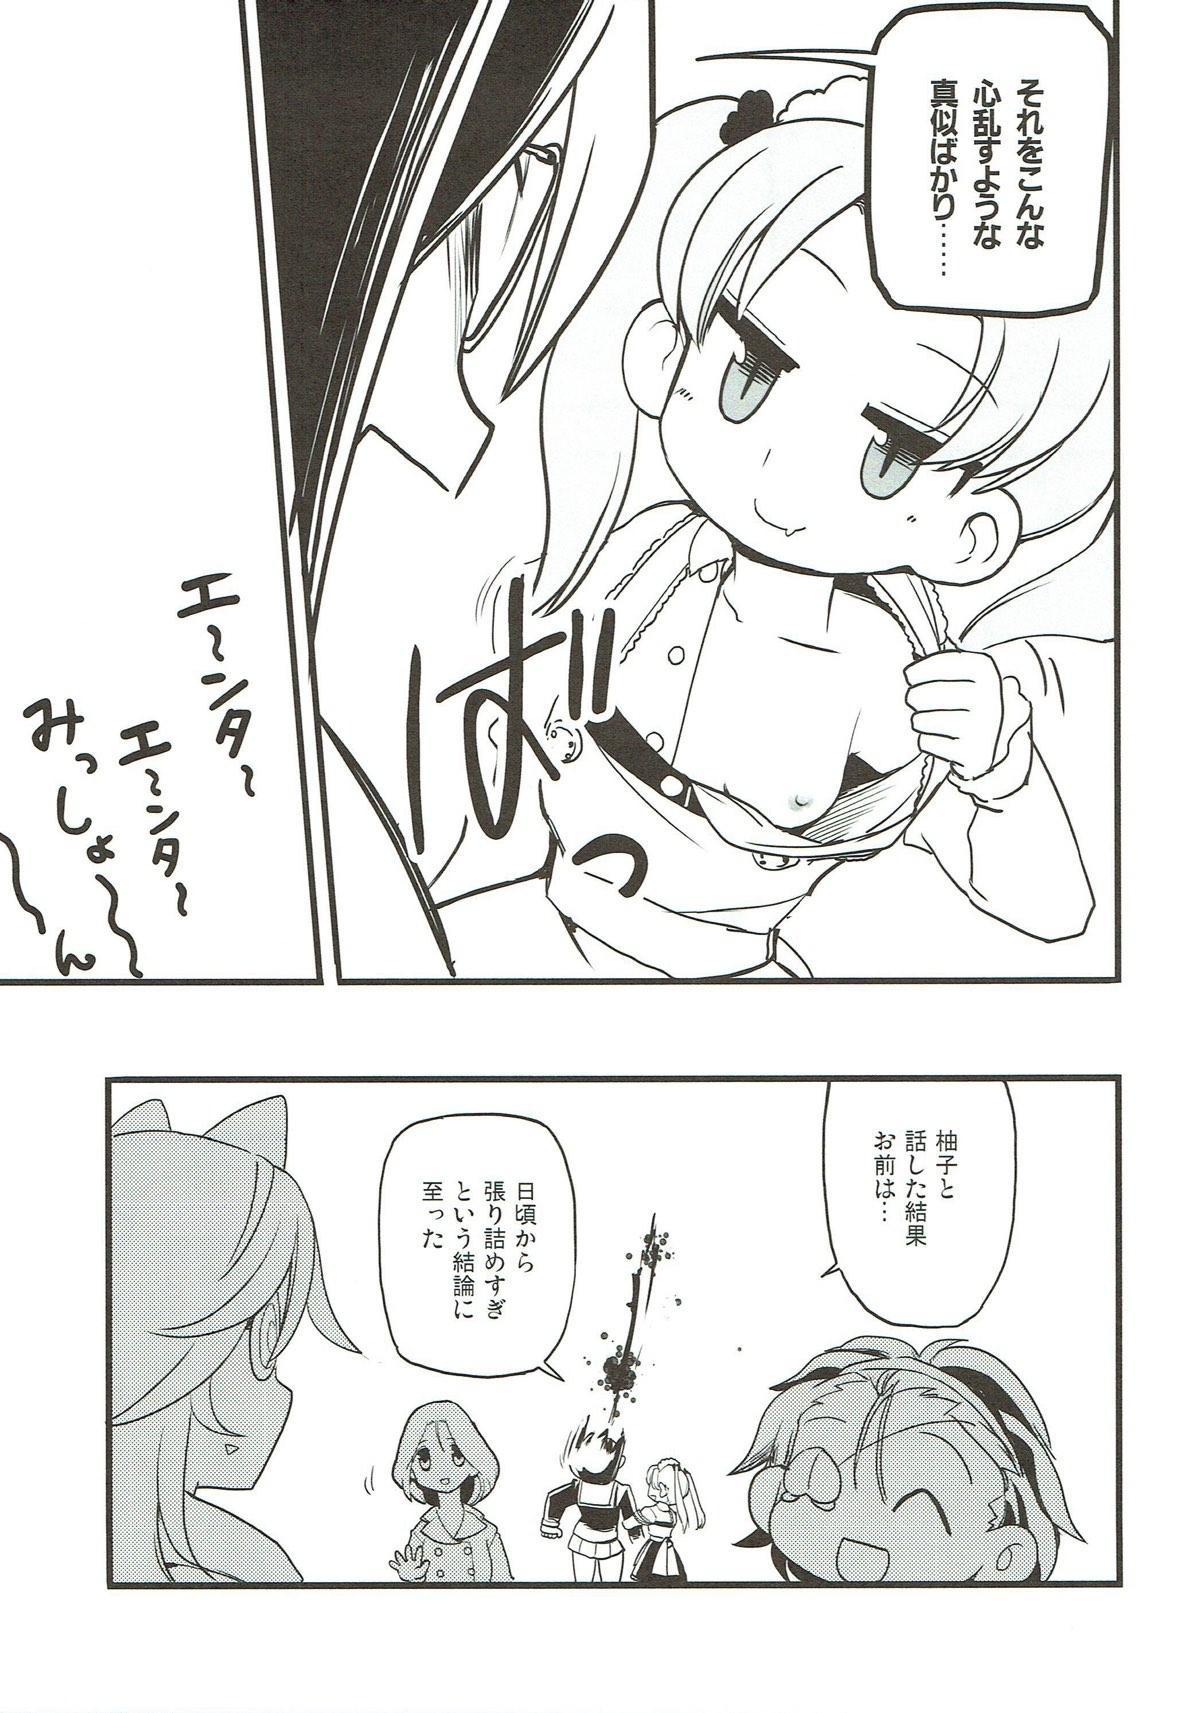 Kyou AnMomo wa Yuri Ecchi o Suru. 5